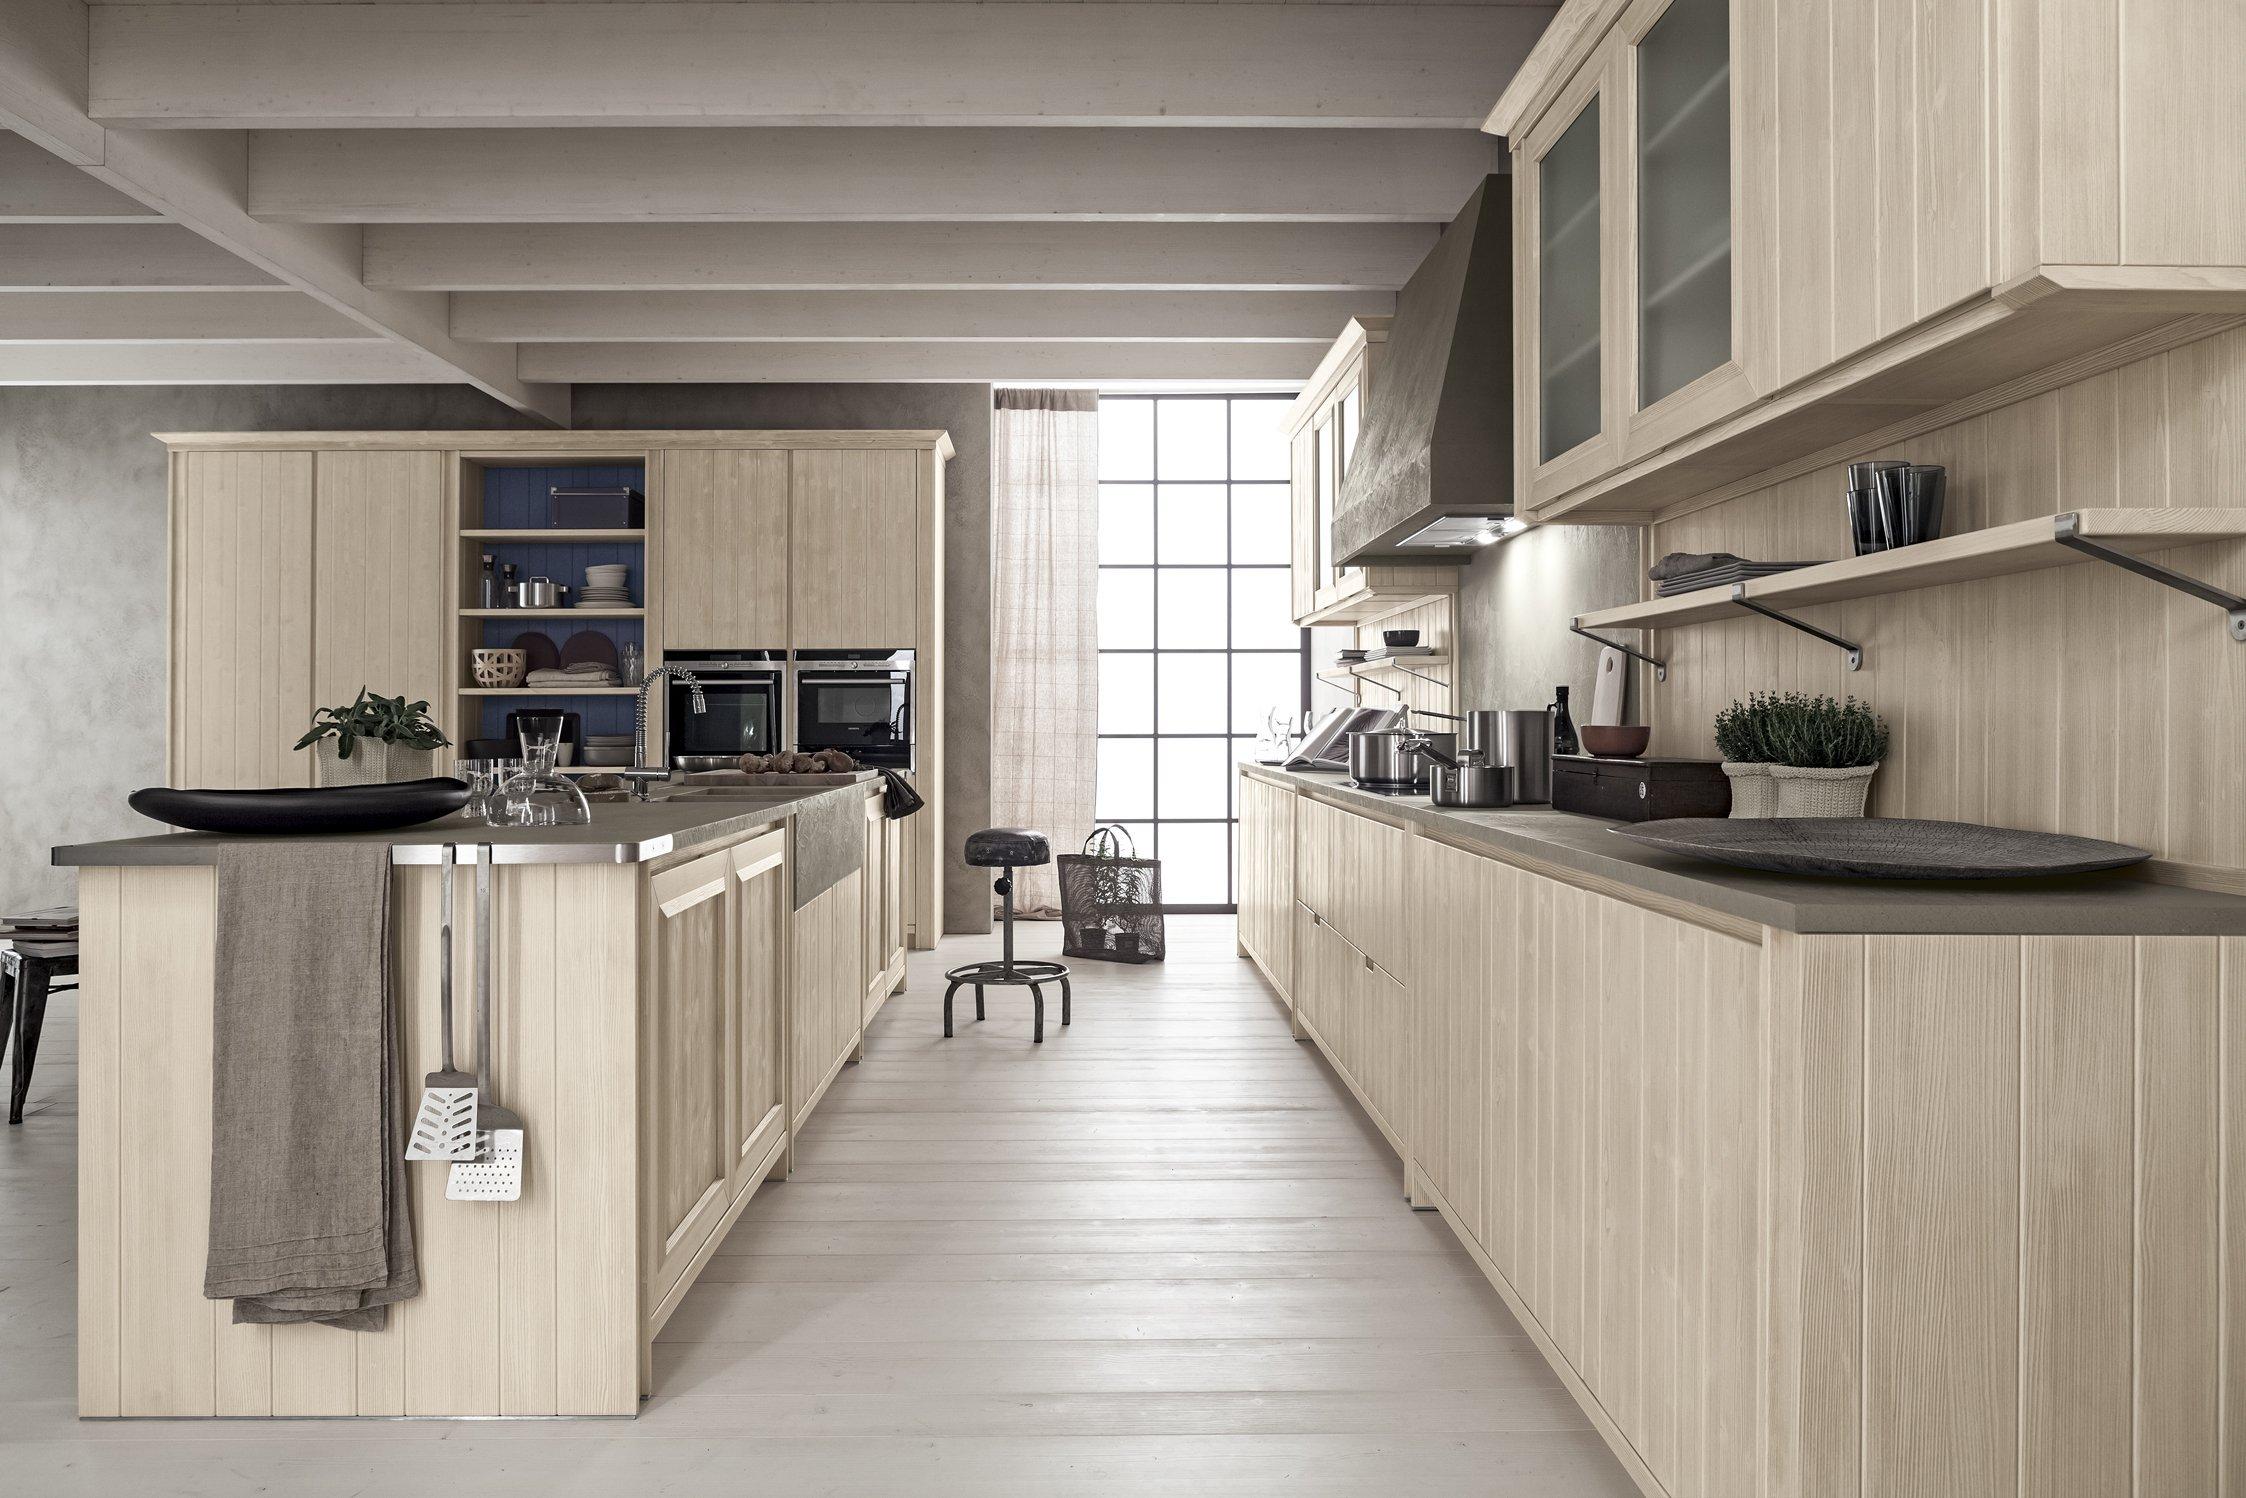 Una cucina in abete spazzolato tra proposte di cucine in stile tradizionale di Lab cCucine Torino